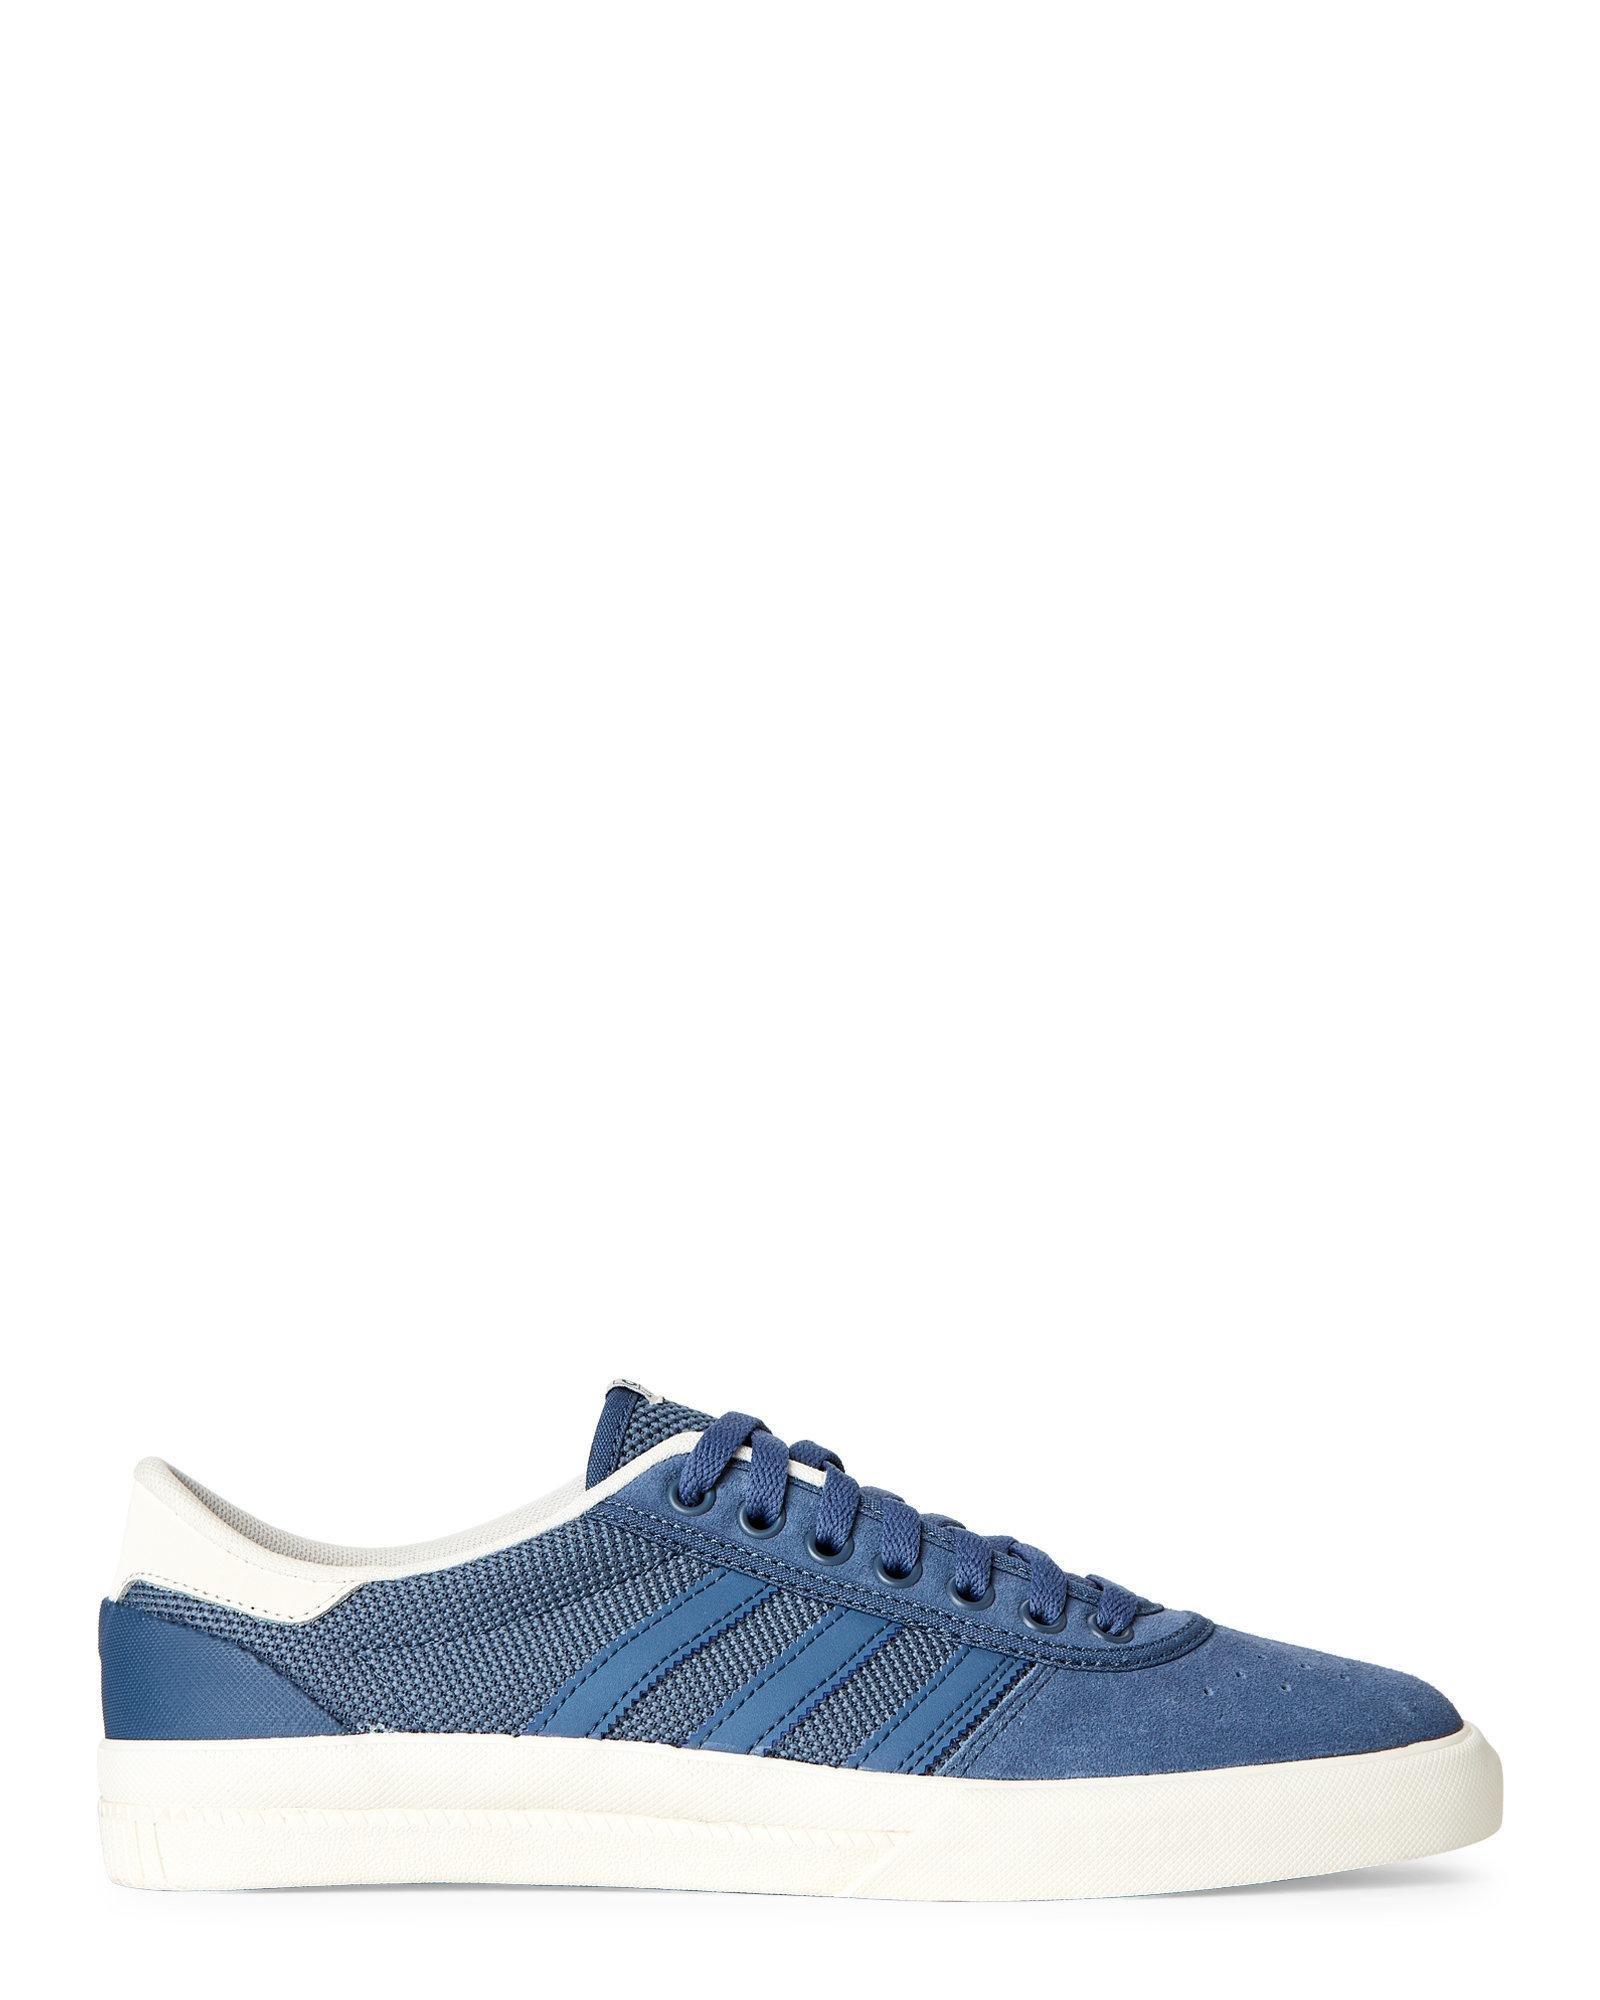 lyst adidas blu lucas premiere scarpe blu per gli uomini.